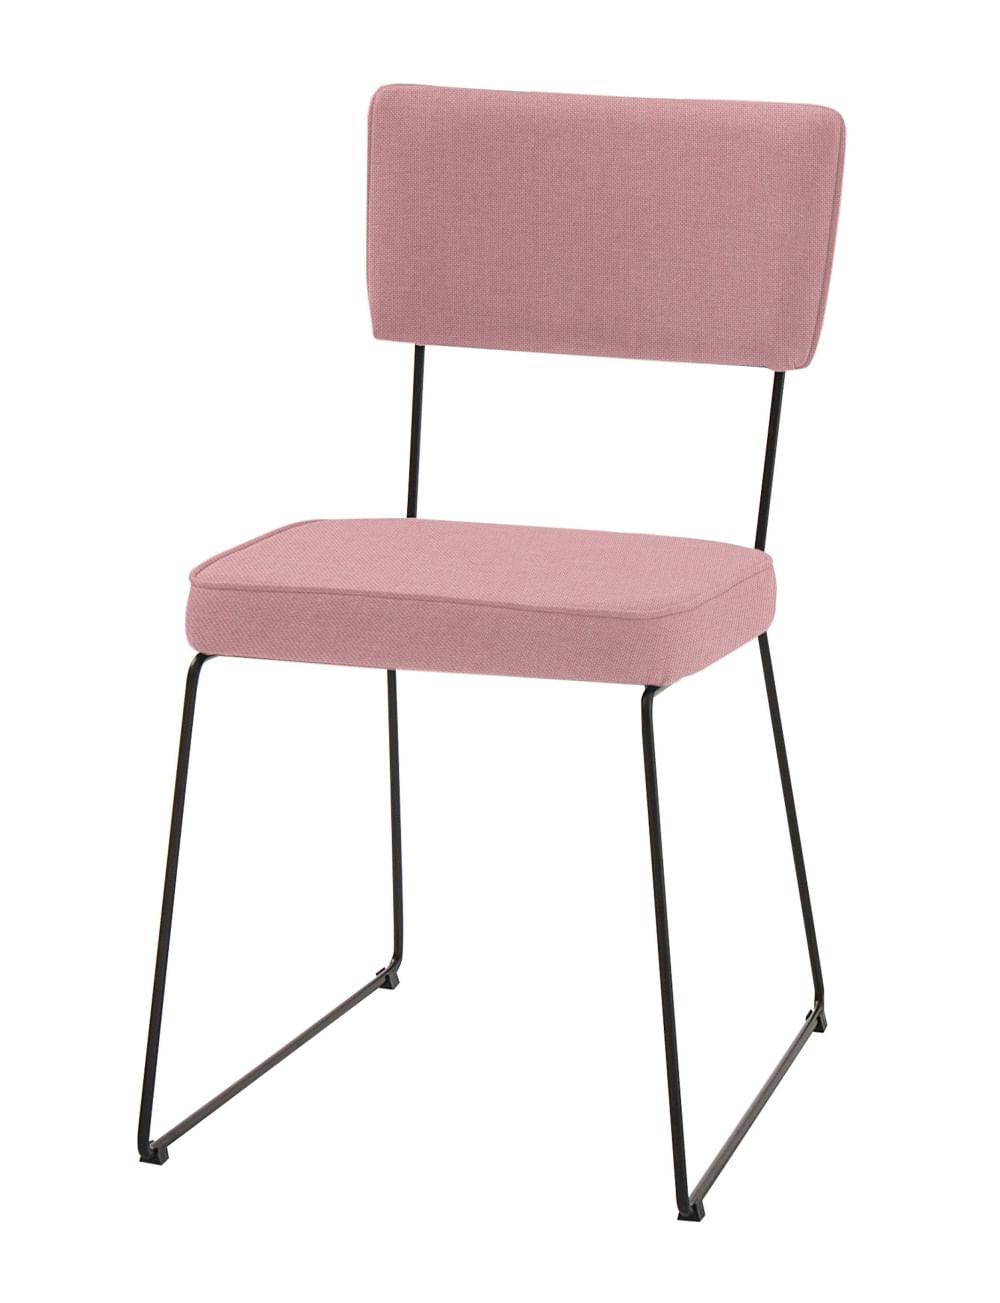 Cadeira Milan Coral Base Preta  - 55891